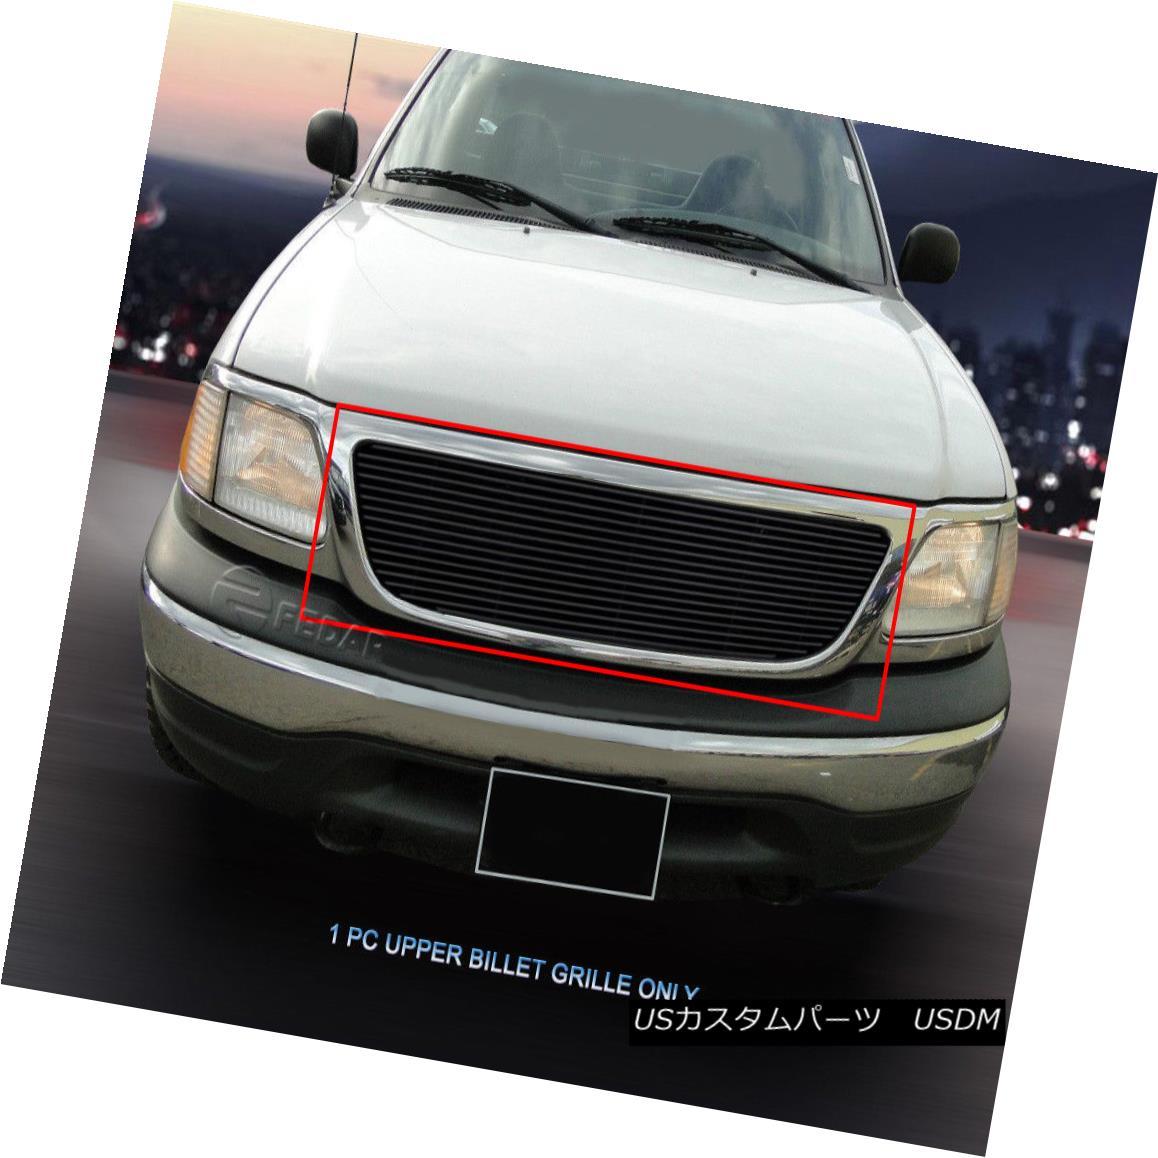 グリル Fedar Fits 1999-2004 Ford F-150 Black Main Upper Billet Grille Fedarは1999-2004 Ford F-150 Blackメインアッパービレットグリルに適合